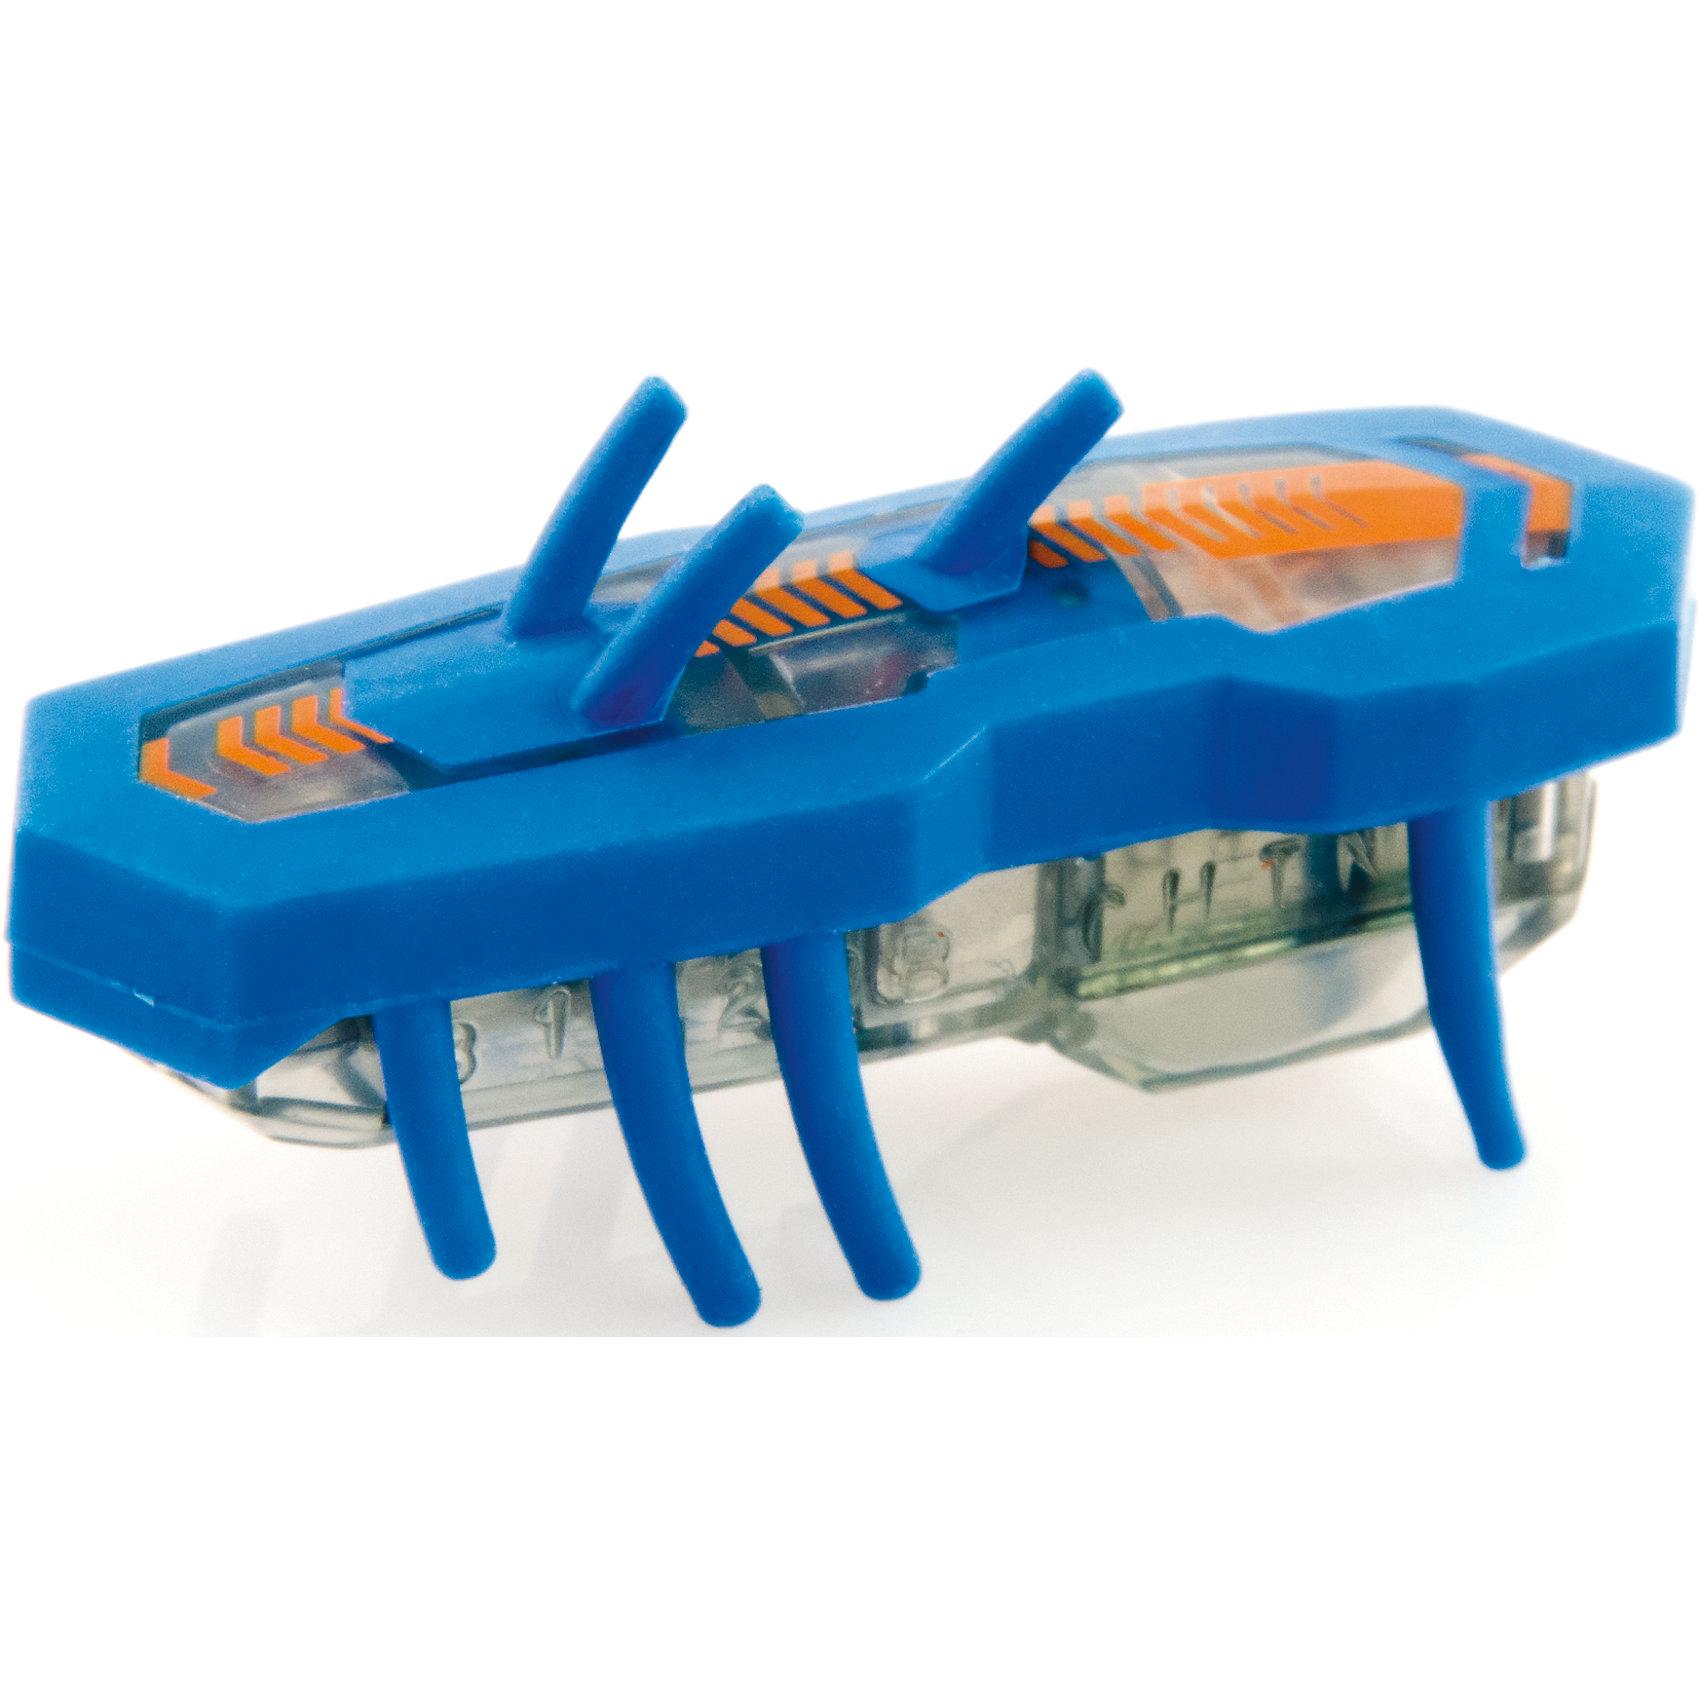 Микро-робот Нано V2, синий, HexbugХарактеристики электронной игрушки Hexbug:<br><br>• поведение наноробота: автономное, хаотичное;<br>• направление движения: горизонтально и вертикально вверх;<br>• количество ножек: 8 снизу, 3 сверху, верхние рожки помогают взбираться по вертикальным туннелям;<br>• размер наноробота: 4,2х2х1,4 см;<br>• наноробот без труда путешествует по нанодромам из наборов Hexbug Nano;<br>• батарейки входят в комплект: 1 шт. типа AG13;<br>• упаковка наноробота Nano V2 является частью лабиринта для беговых площадок и дорожек из серии V2. <br><br>Электронная игрушка Нано V2 – это микро-робот Нано, который очень быстро передвигается по закрученным лабиринтам, горизонтальным площадкам и вертикальным проходам. Наноробот модернизирован, с контрастной окраской, добавились функциональные рожки. С нанороботами можно устроить настоящие скоростные забеги. <br><br>Микро-робот Нано V2, синий, Hexbug можно купить в нашем интернет-магазине.<br><br>Ширина мм: 26<br>Глубина мм: 8<br>Высота мм: 4<br>Вес г: 57<br>Возраст от месяцев: 36<br>Возраст до месяцев: 2147483647<br>Пол: Унисекс<br>Возраст: Детский<br>SKU: 5007055